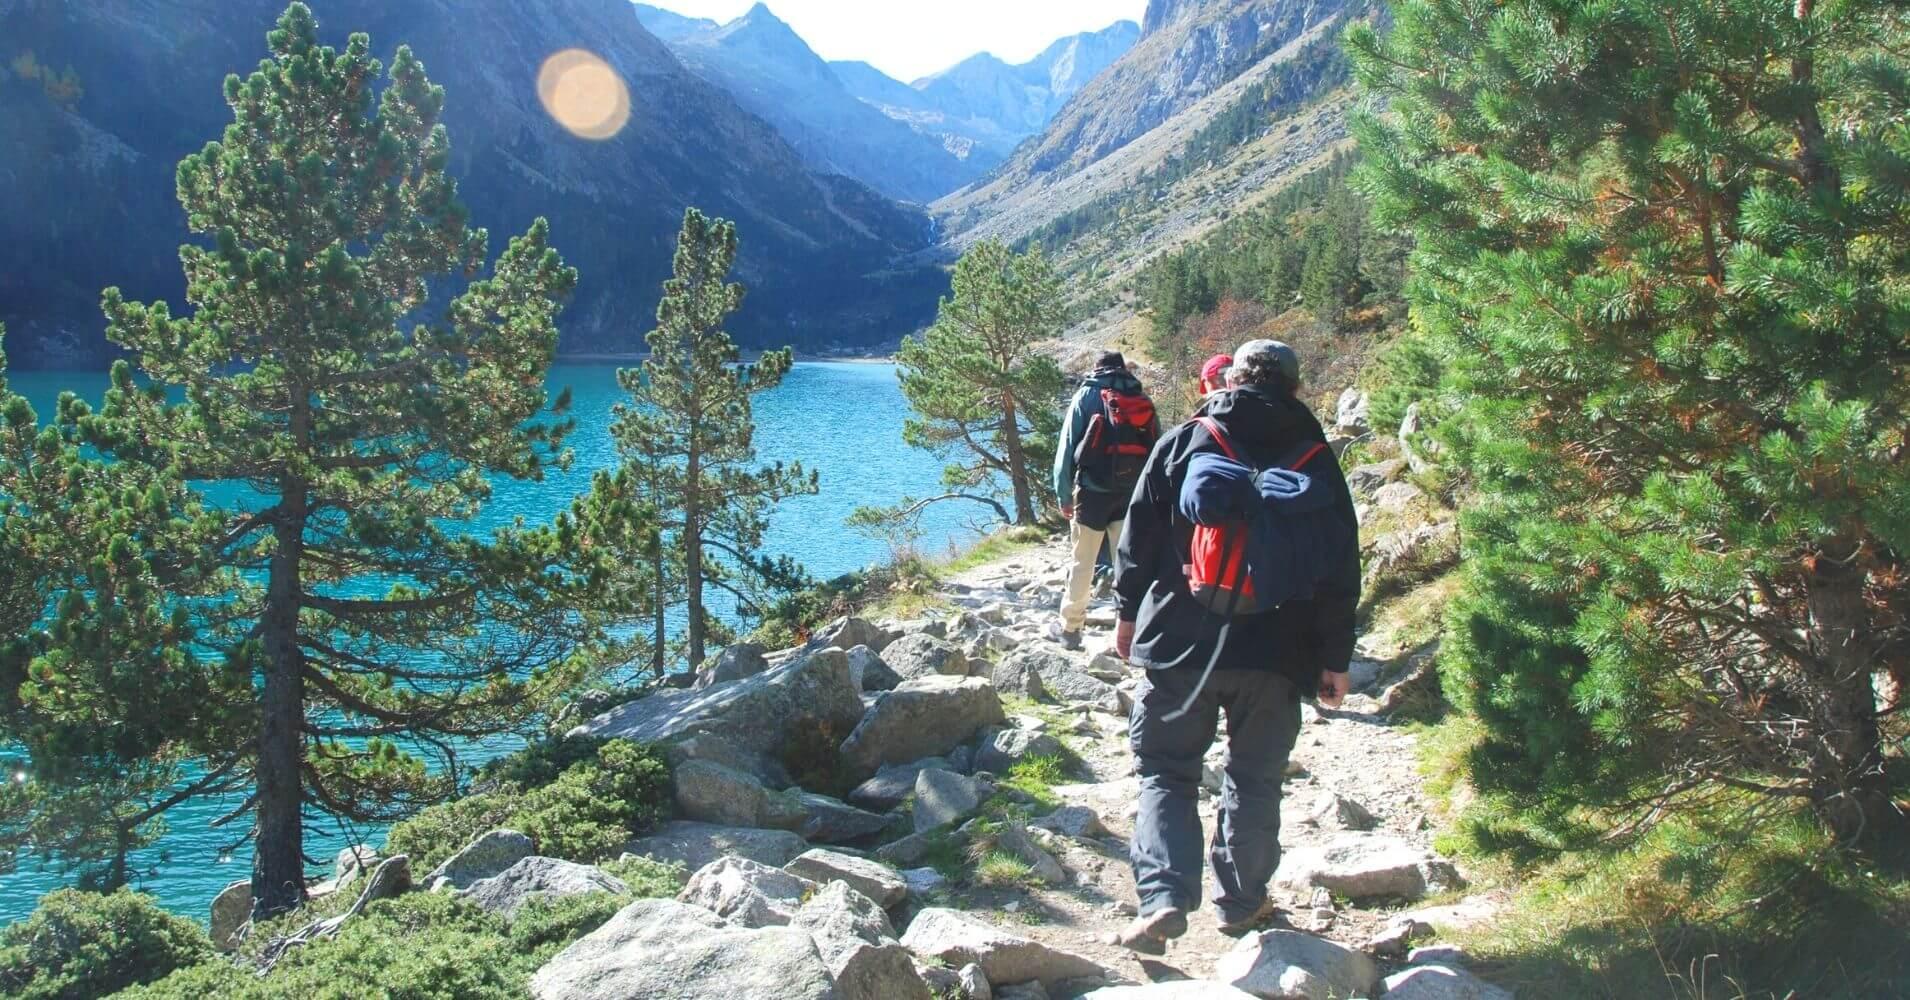 Lago de Gaube. Parque Nacional de los Pirineos. Nueva Aquitania, Occitania. Francia.